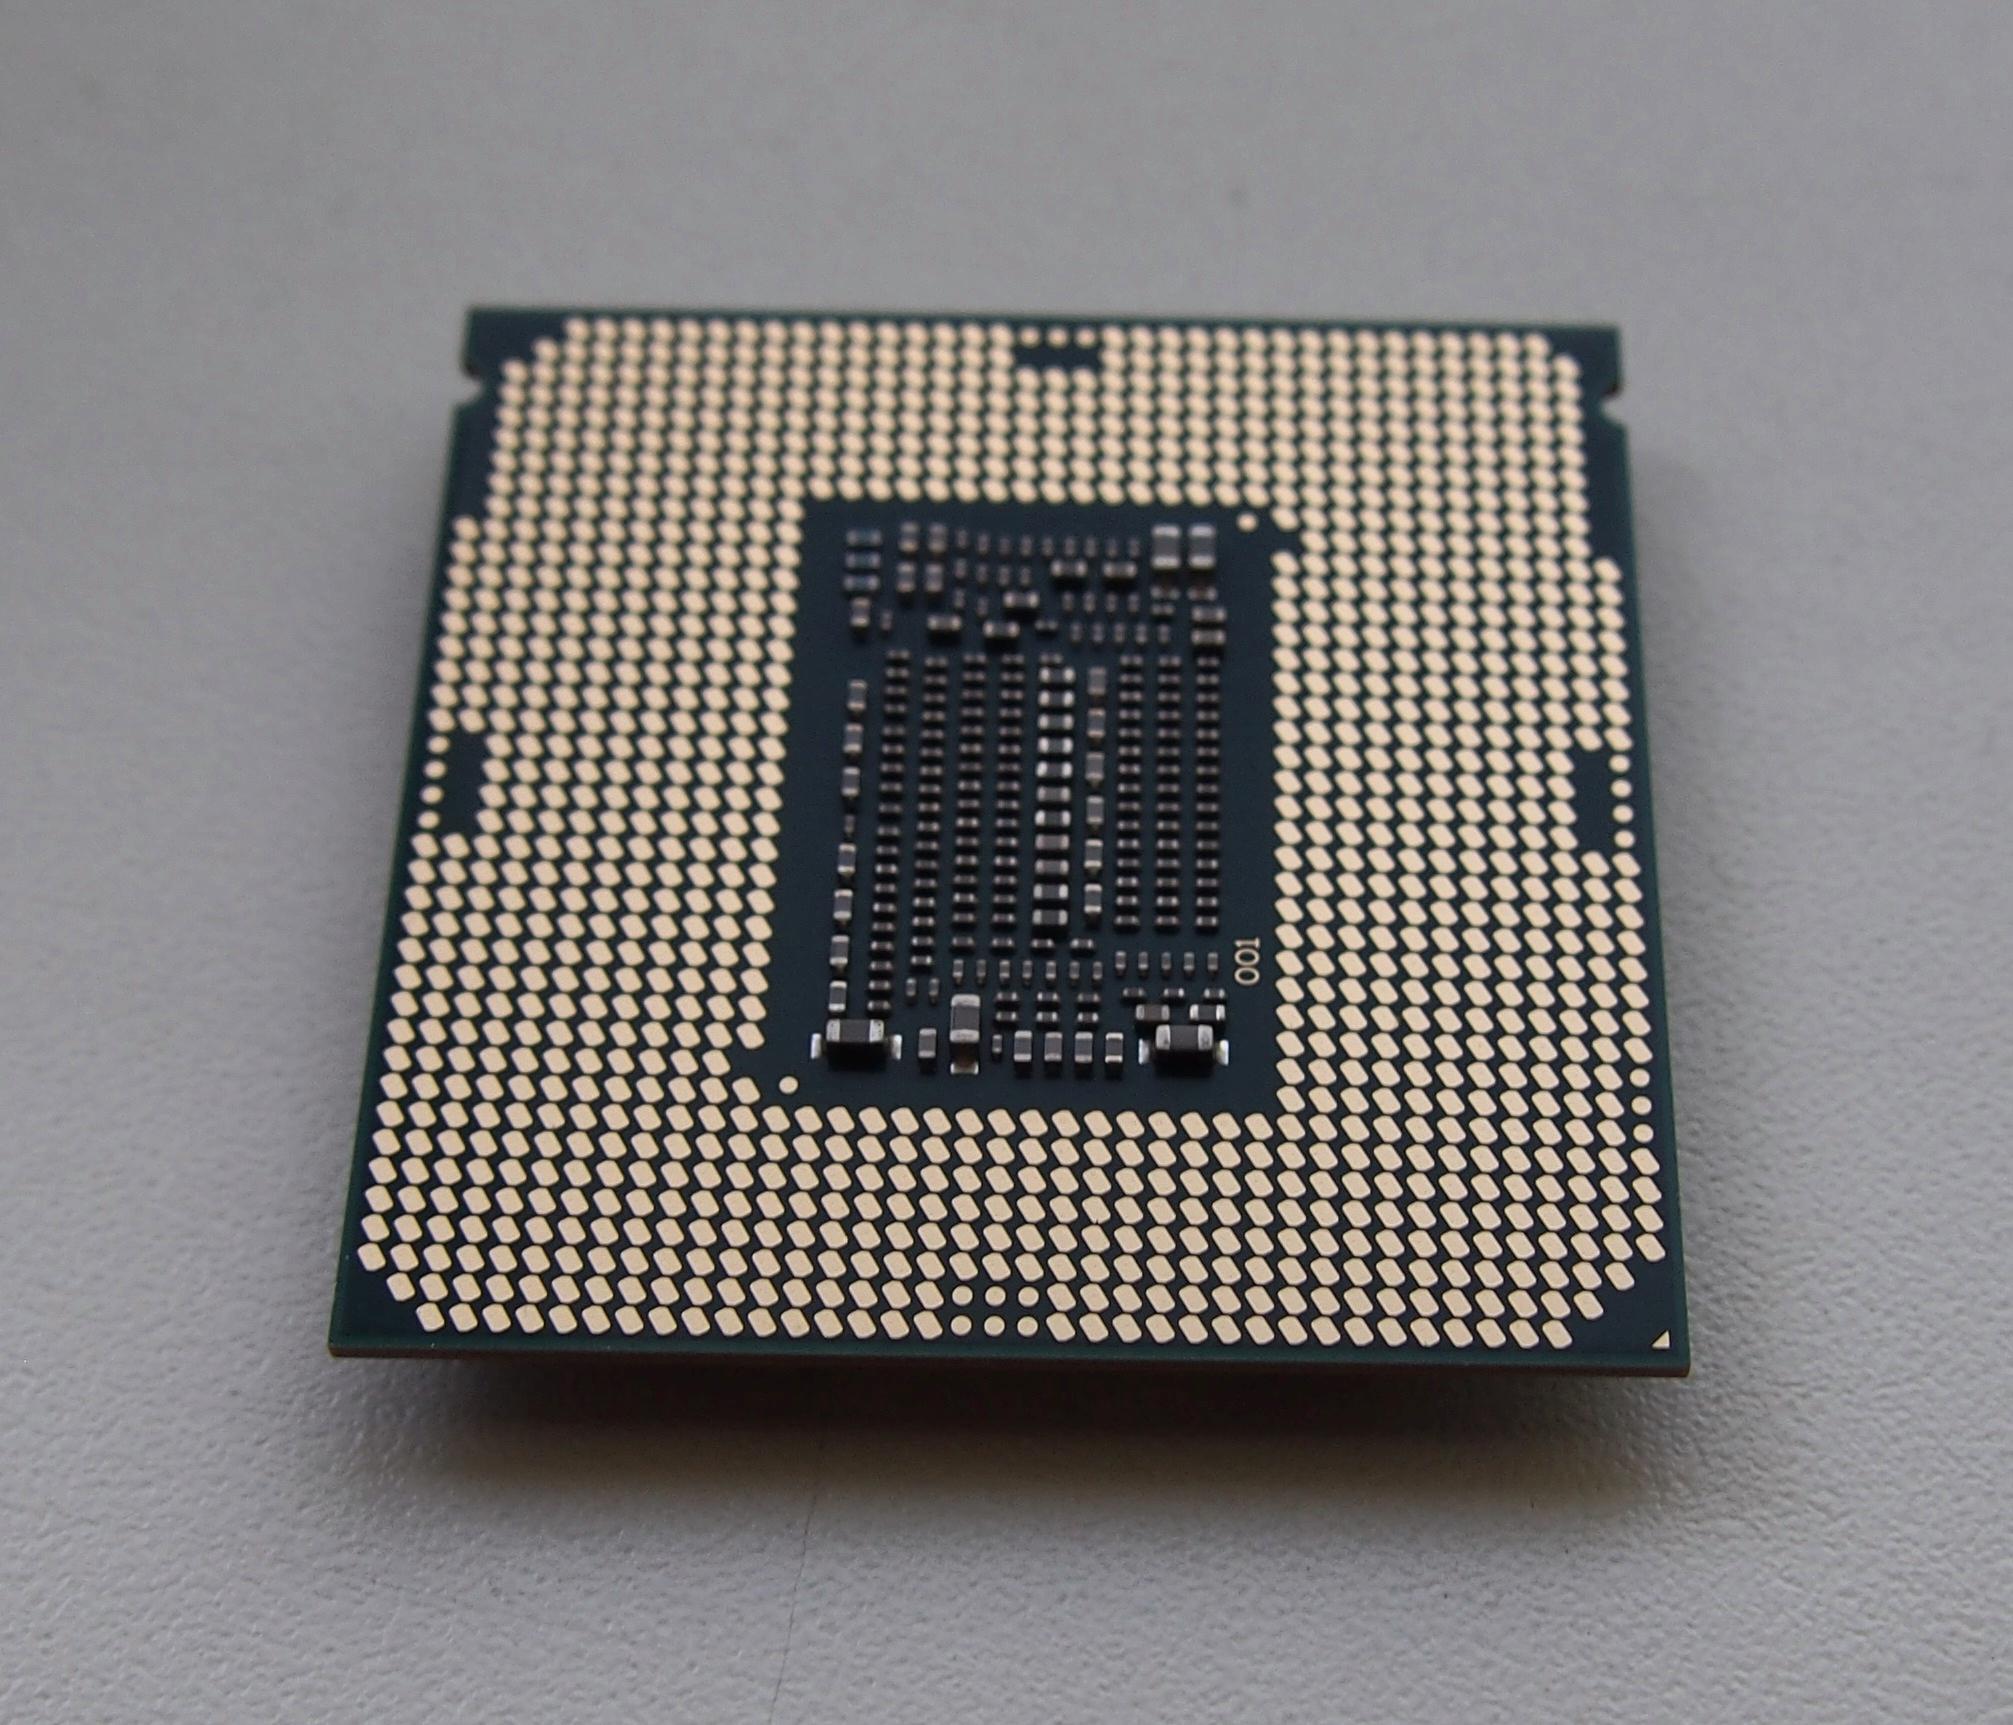 Socket lga – это актуальный сокет для установки процессоров intel.